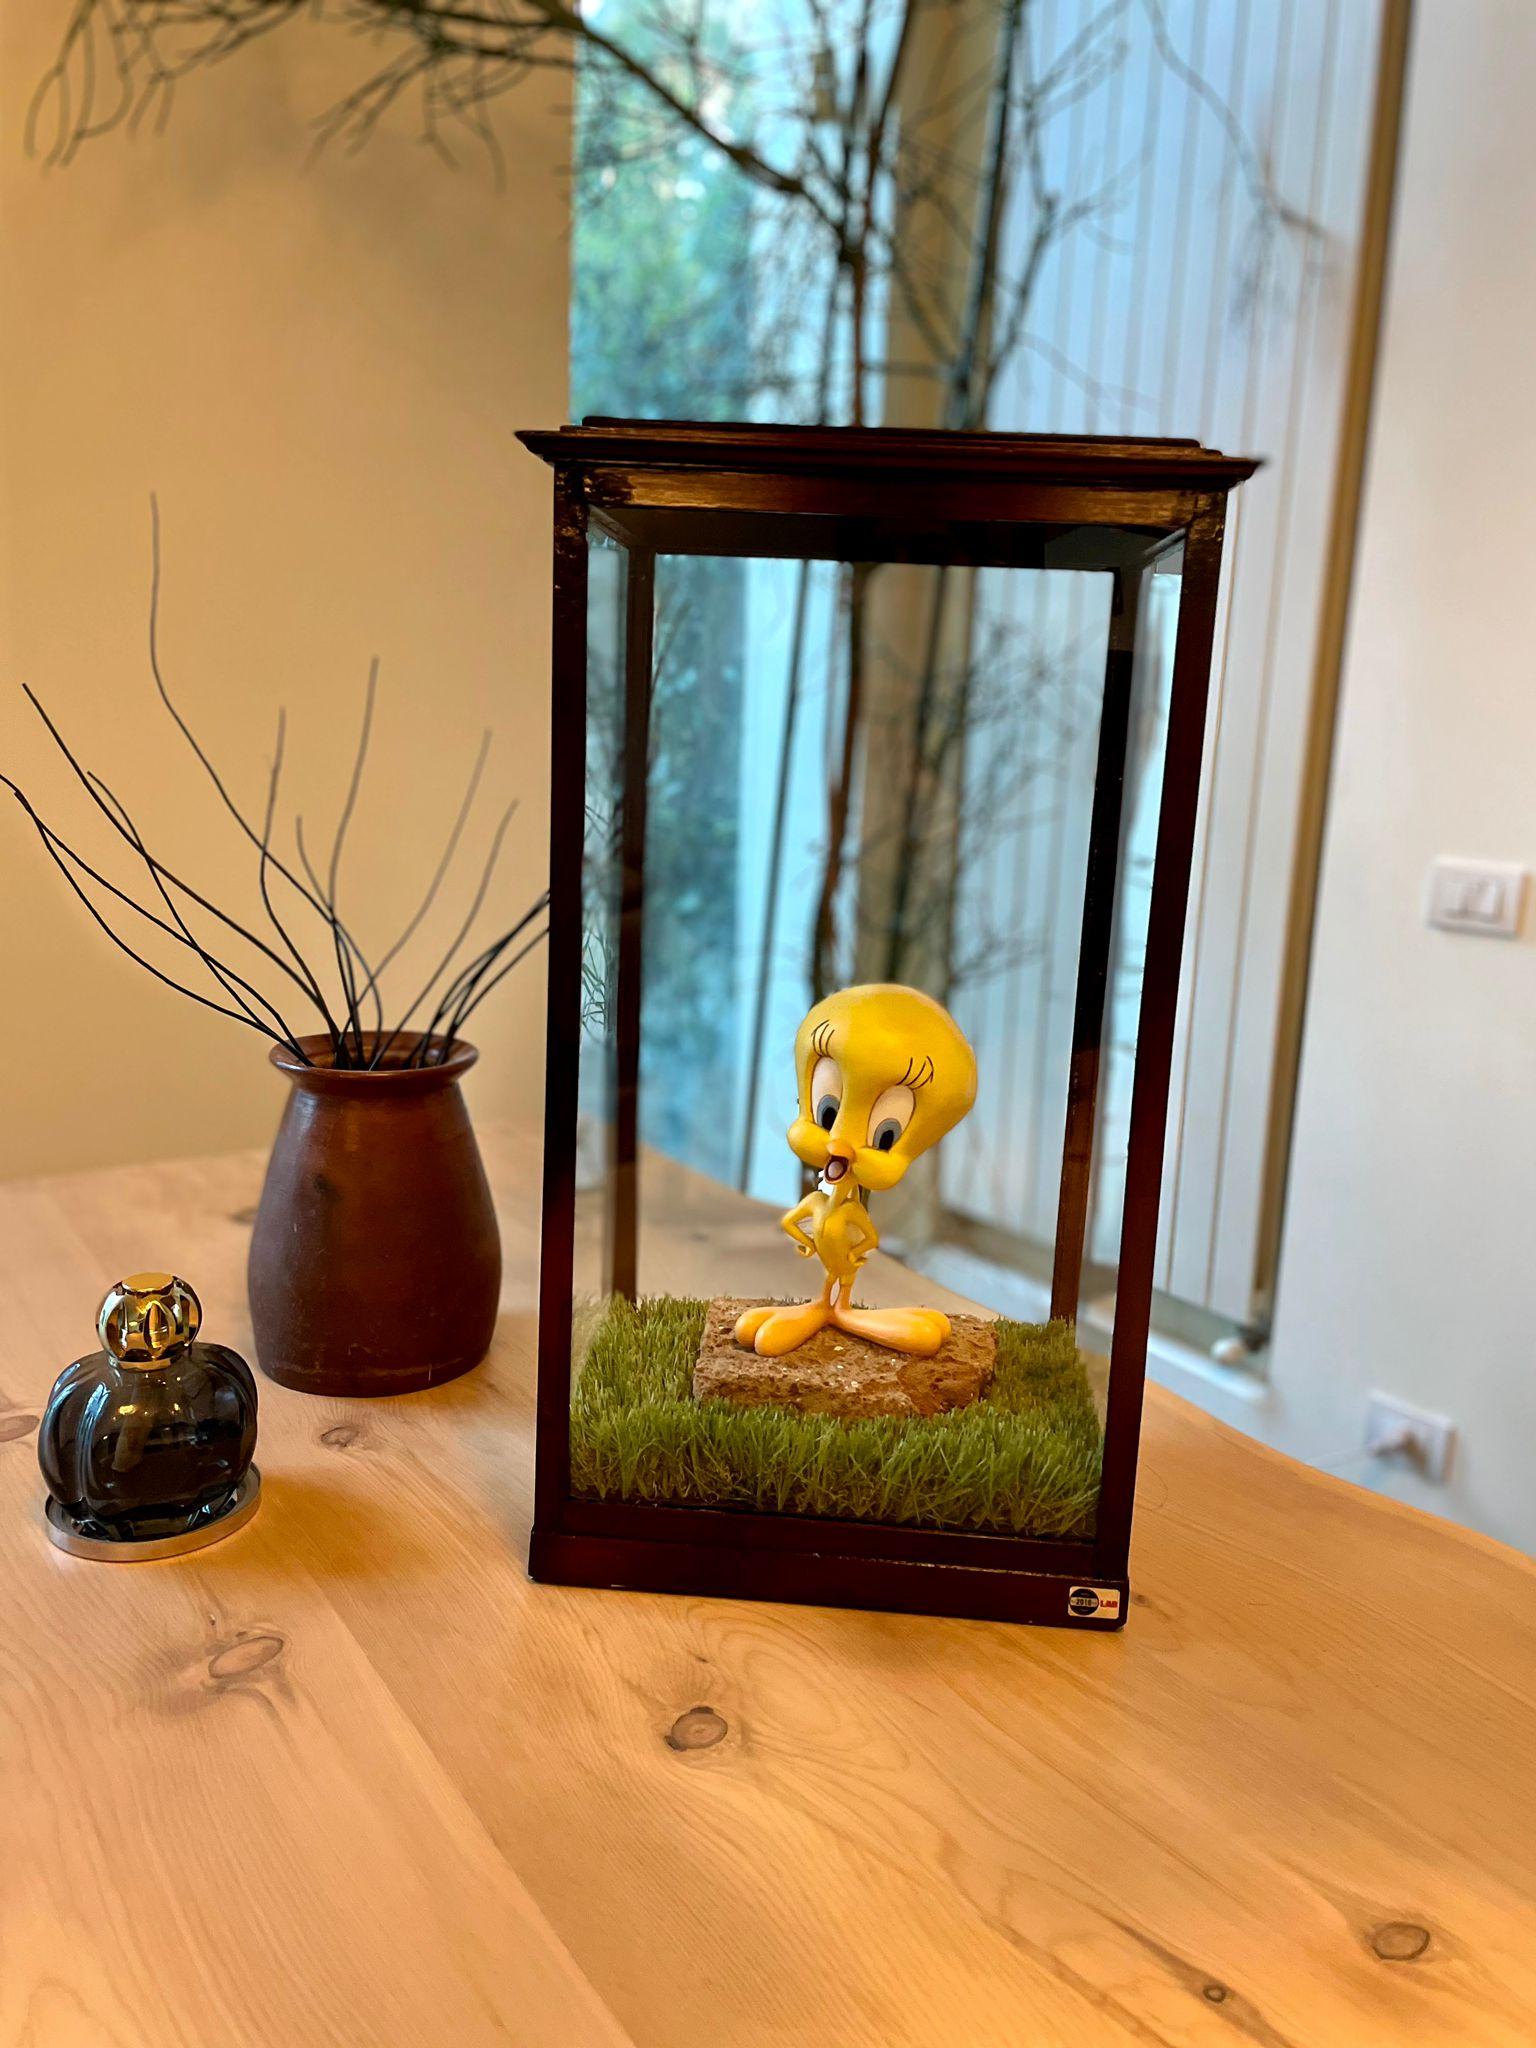 Tweety contenuto in teca vetro e legno di fine '800, la nuova creazione per gli amanti del collezionismo vintage realizzata da Cristian Sutti.